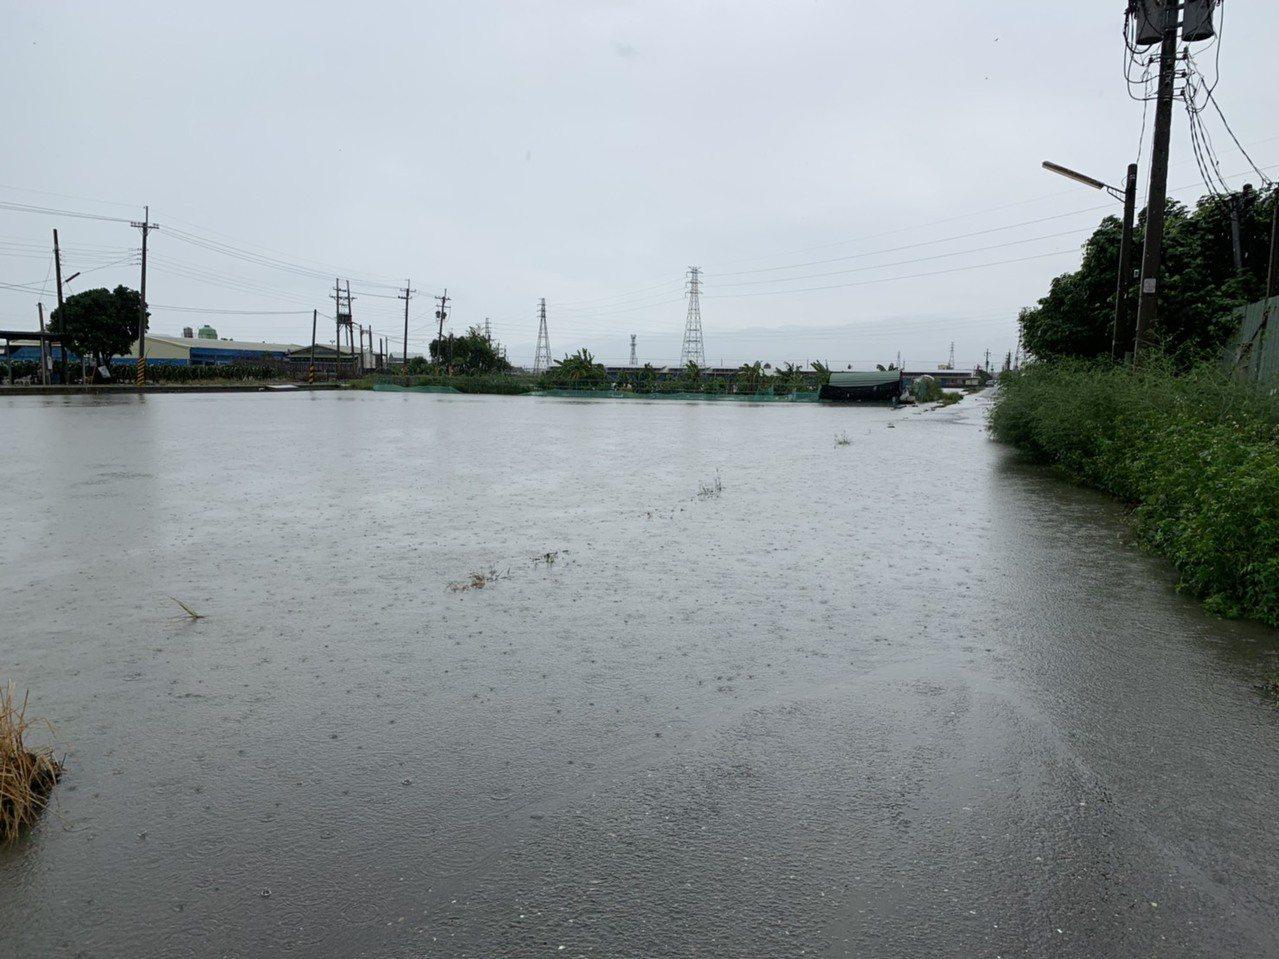 雲林縣大埤鄉嘉興村部分地區農水路宣洩不及,出現淹積水現象。圖/大埤鄉公所提供